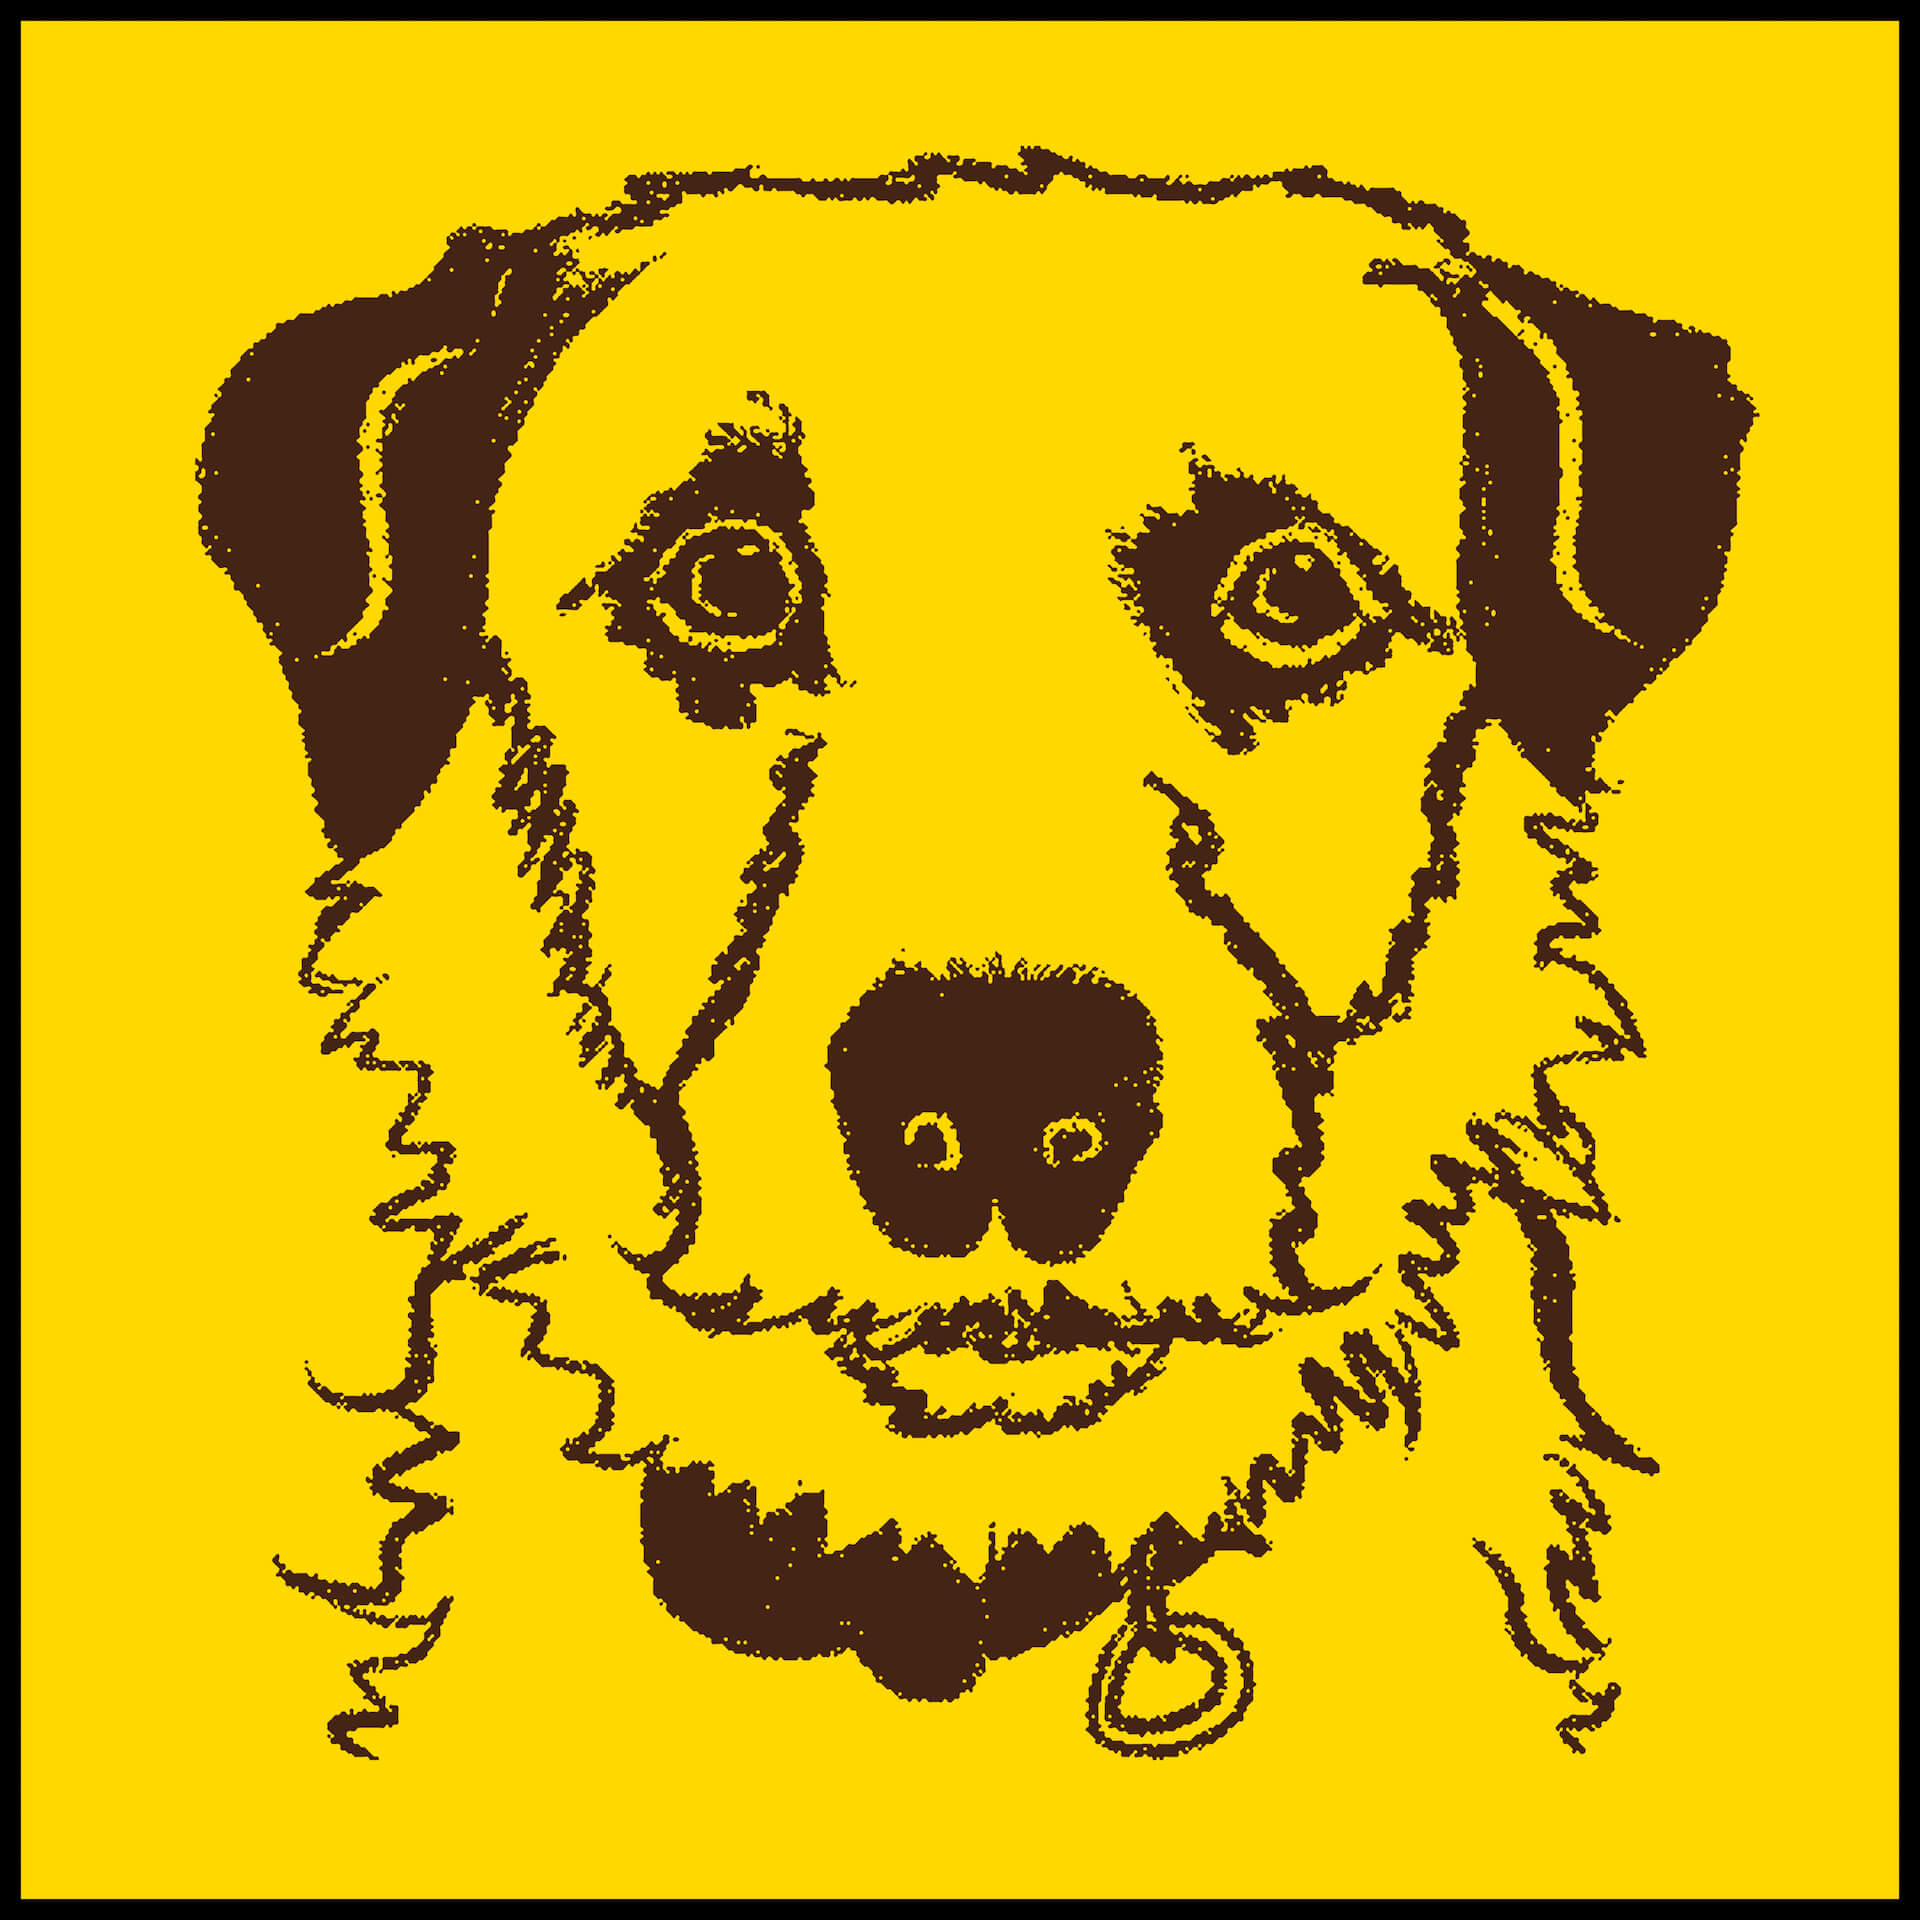 """アジカンのドラマー伊地知潔率いるインストバンドPHONO TONESが最新シングル""""Jack Russell""""をリリース!ジャック・ラッセル・テリアがたくさん登場するMVも公開 music210922_phonotones_2"""